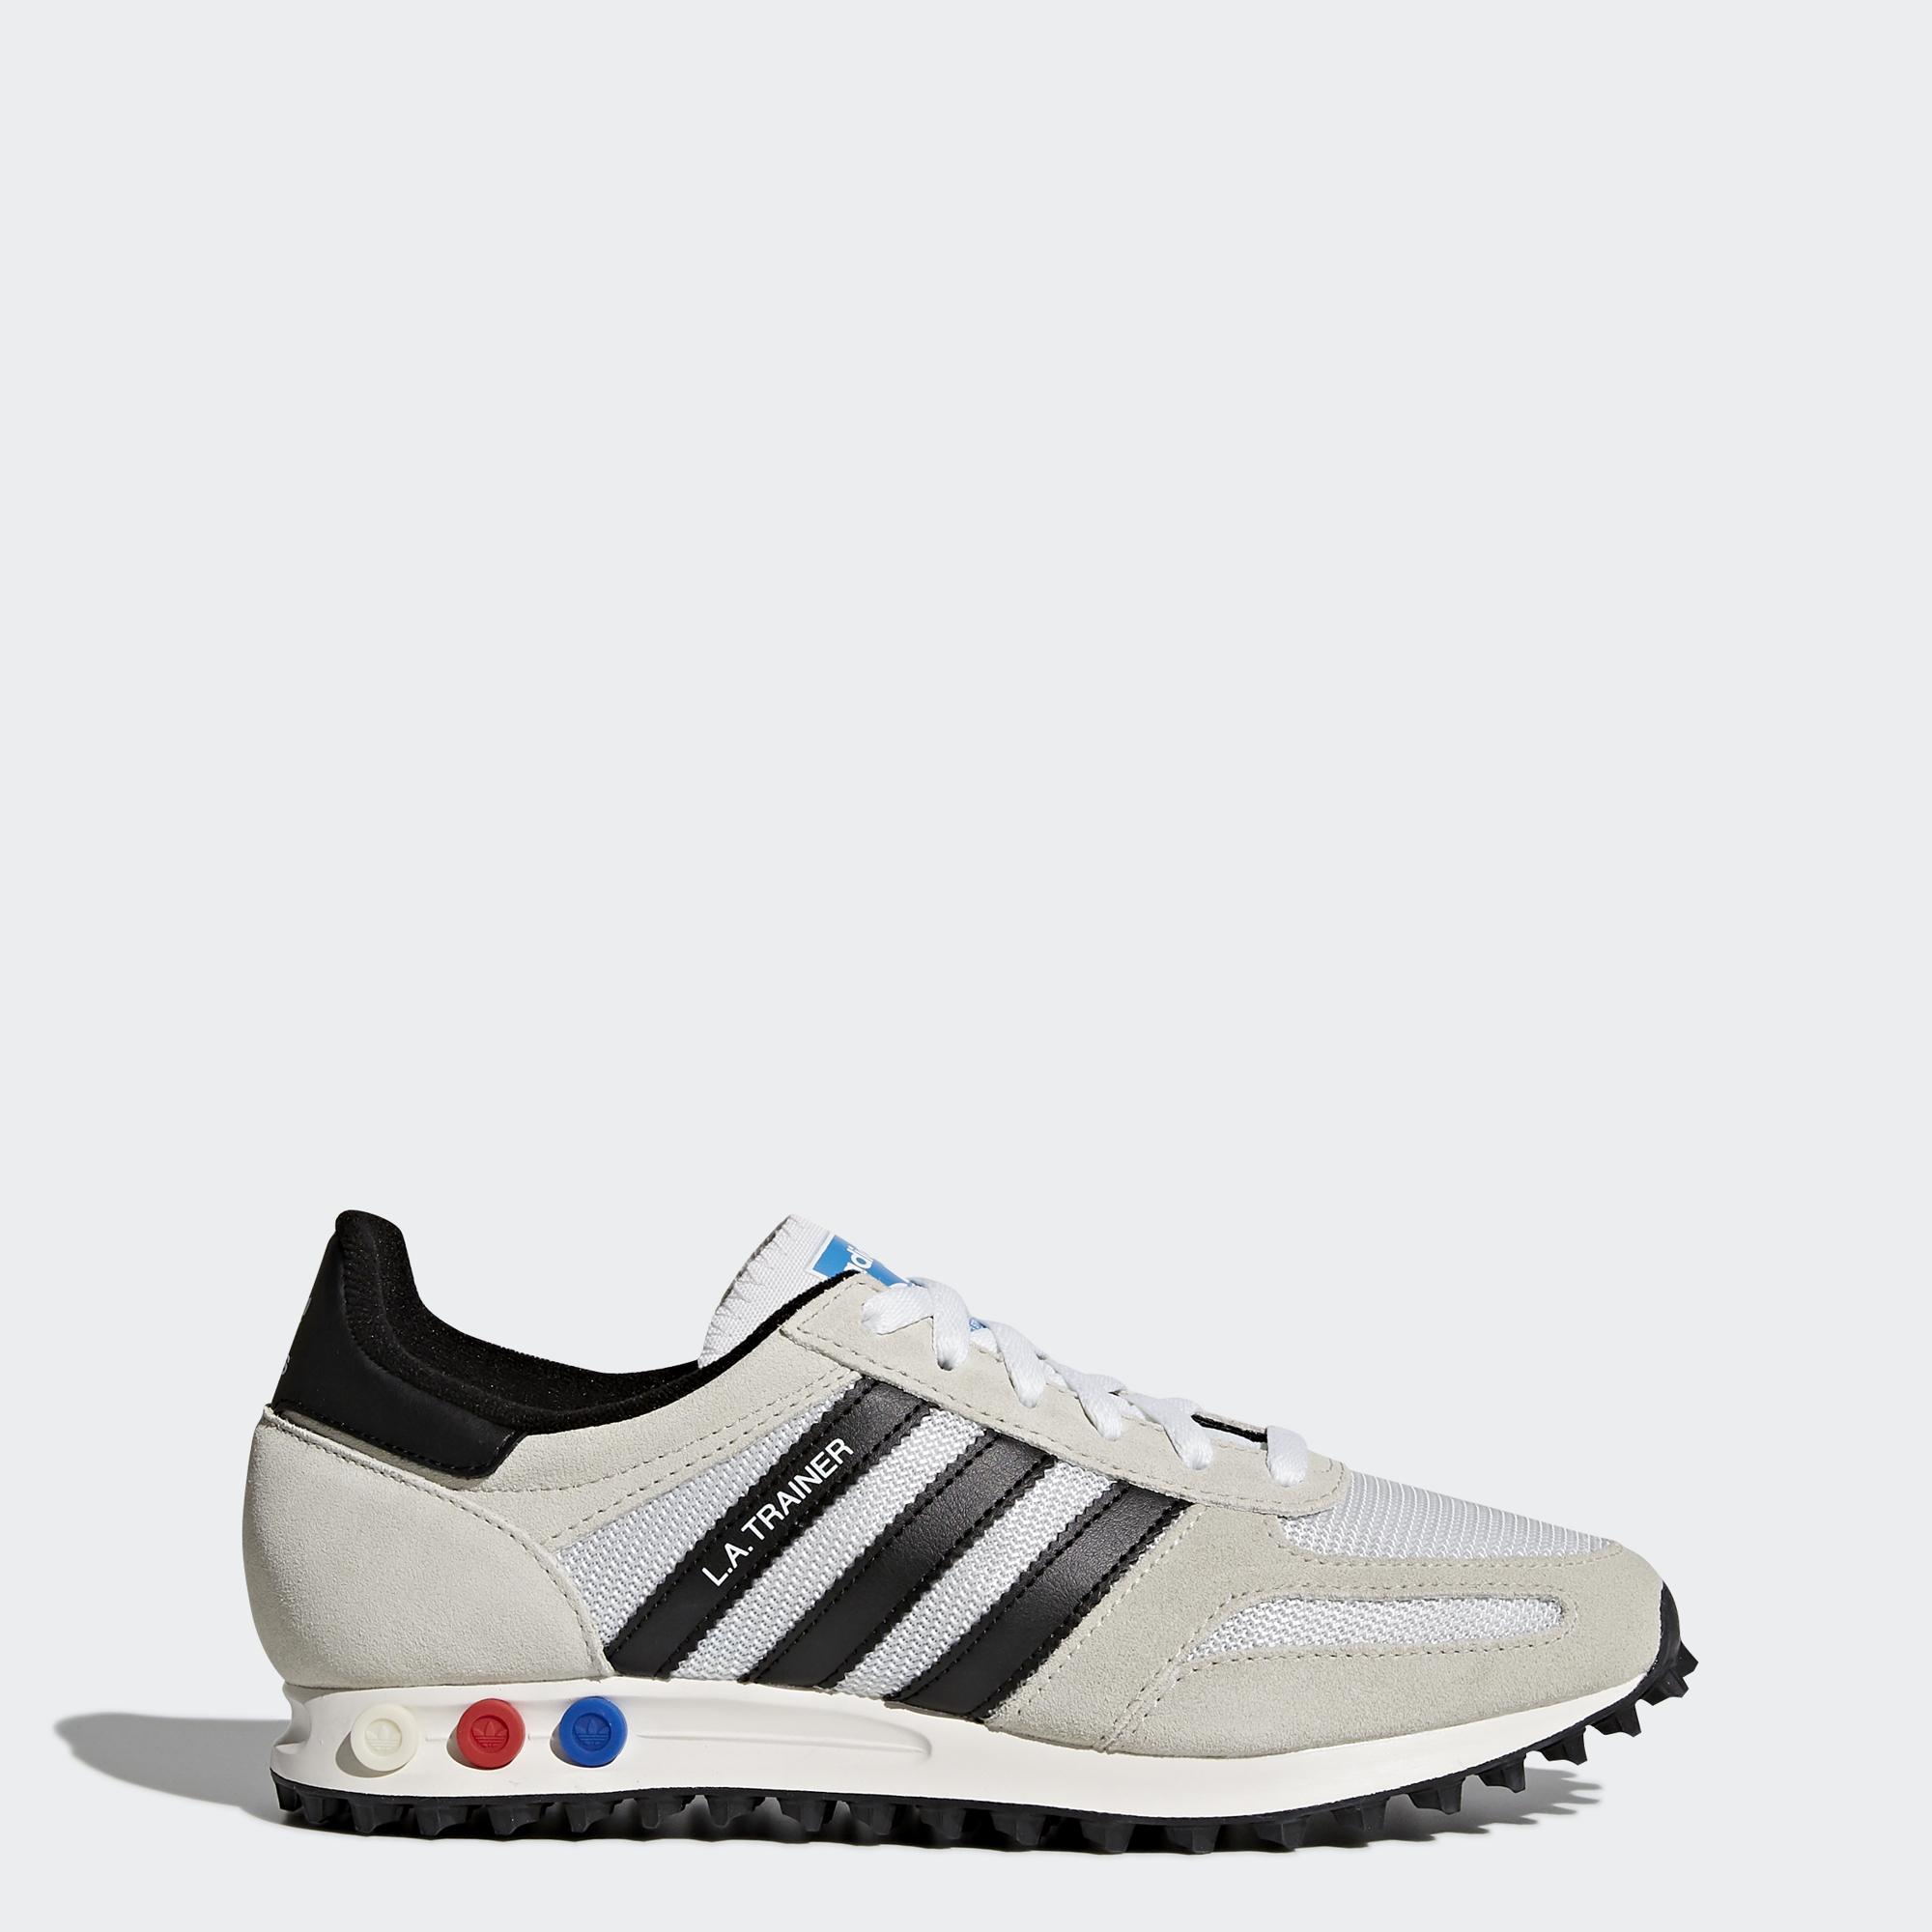 e425be780d Adidas Originals Shoes La Trainer Og Vintage White core Black clear Brown -  Tifoshop.com